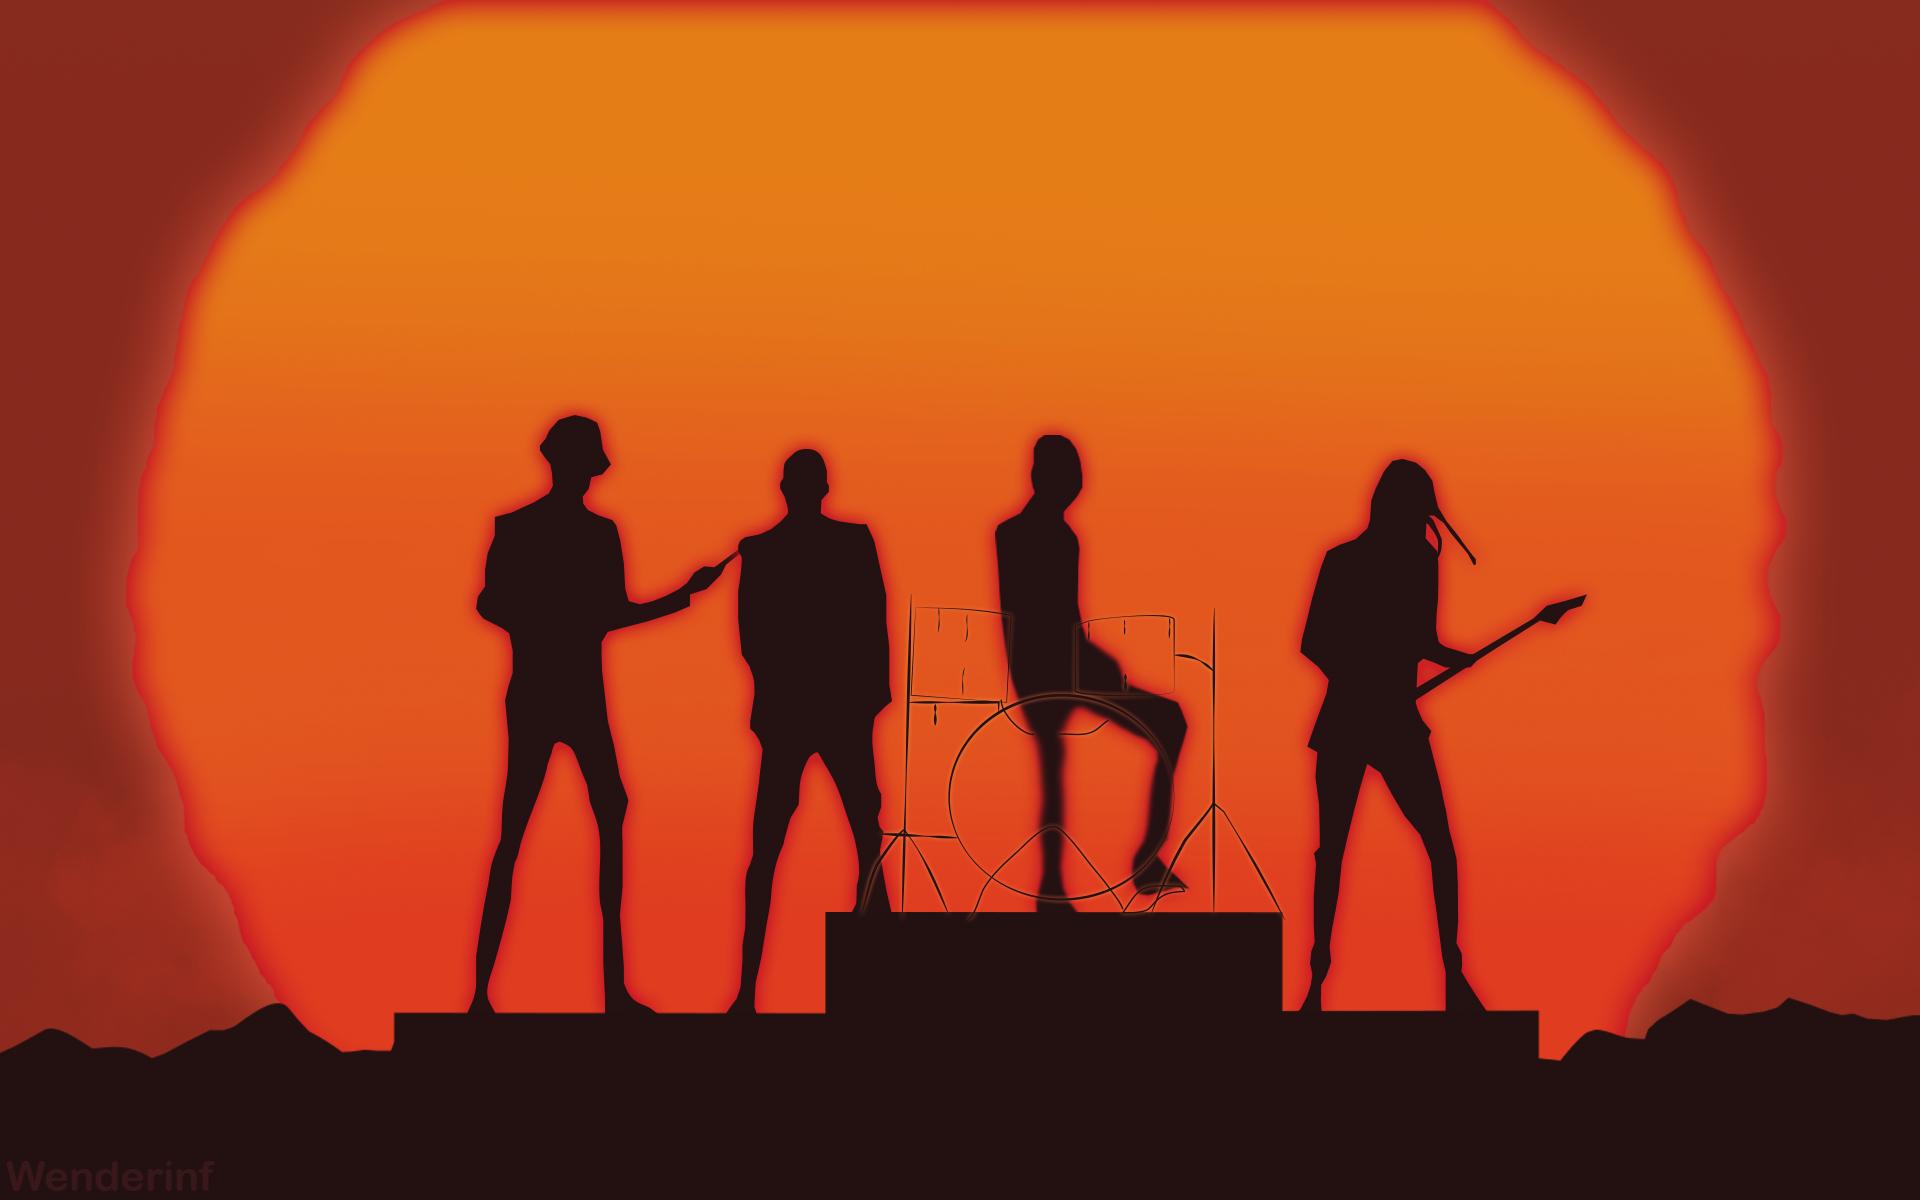 Daft Punk-Get Lucky Wallpaper by wenderss on DeviantArt